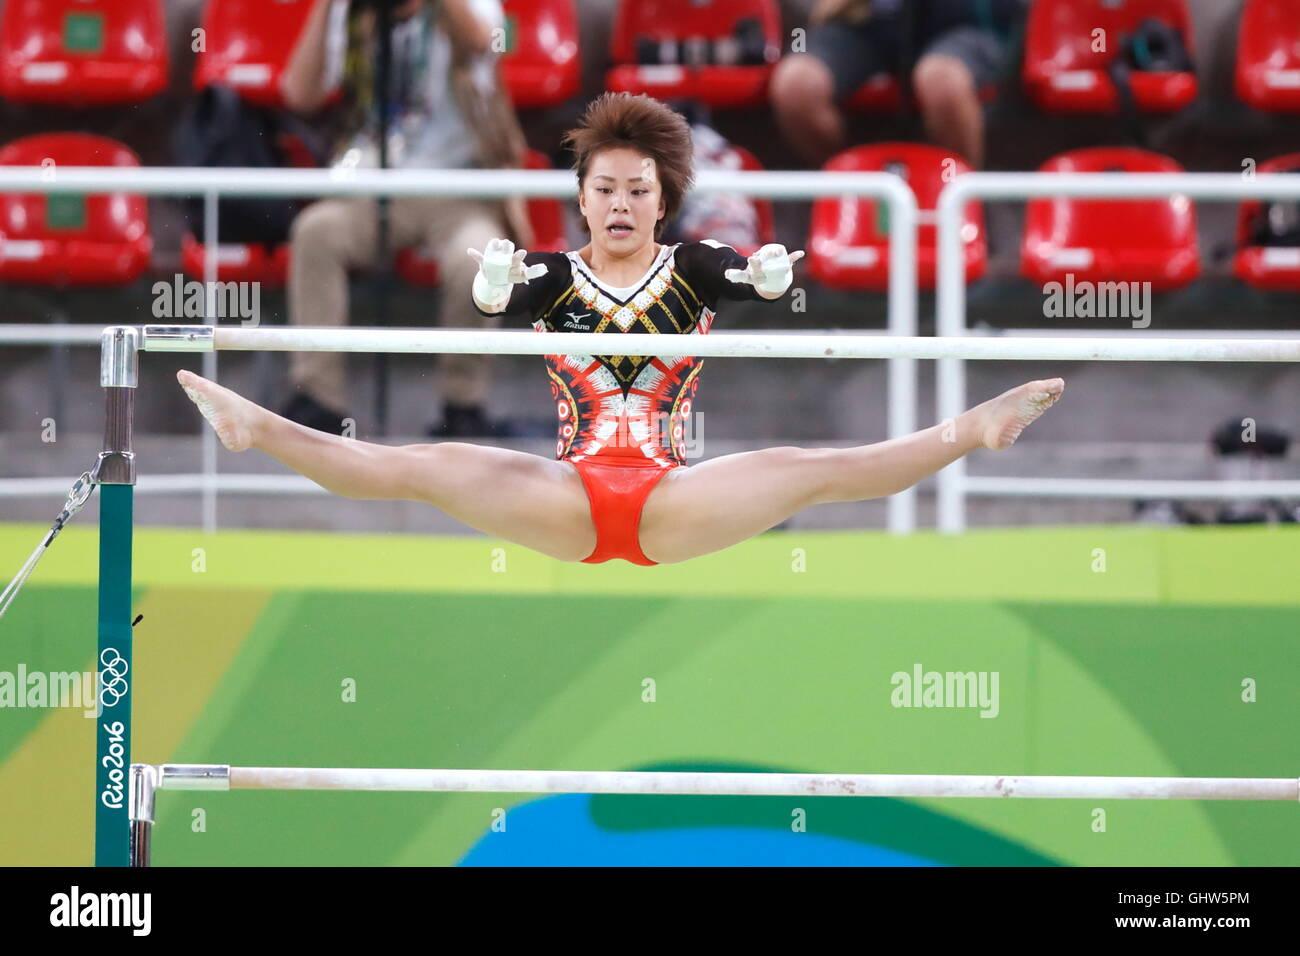 Rio de Janeiro, Brésil. Août 11, 2016. Mai Murakami (JPN): gymnastique artistique finale concours Photo Stock